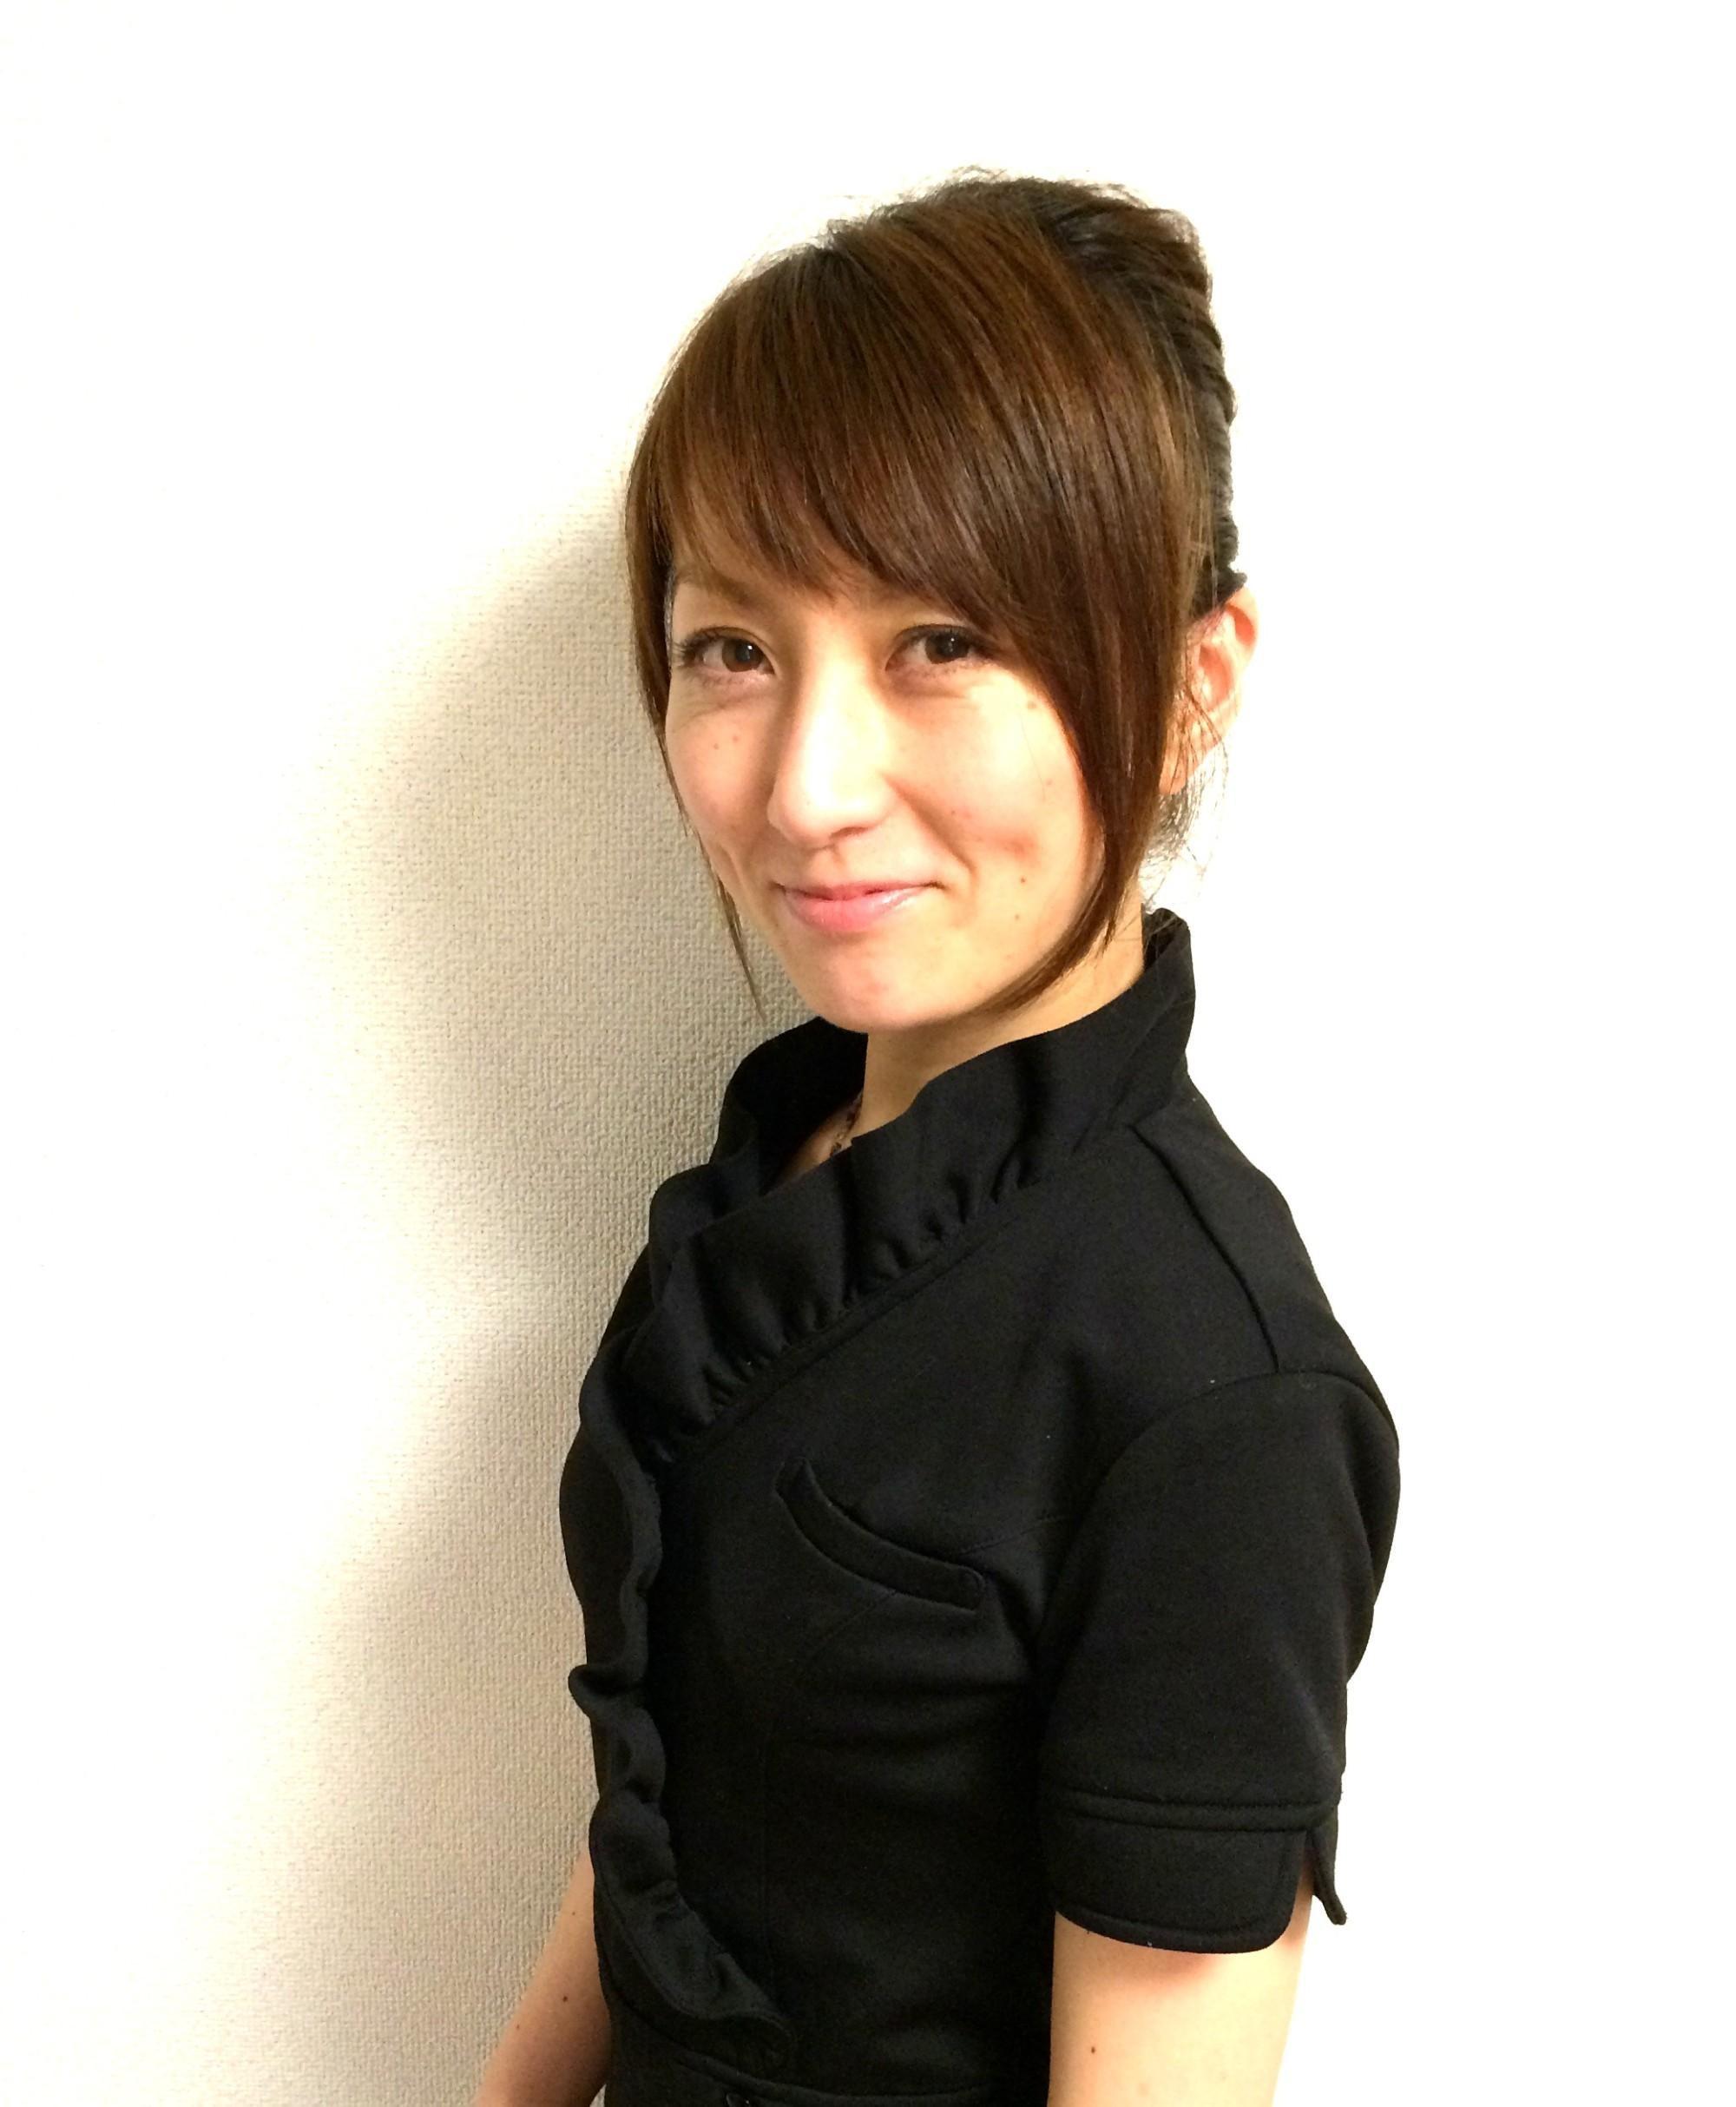 横浜・大倉山・痛み回復と美容整体の店【ムナファニ】 沖田宏美